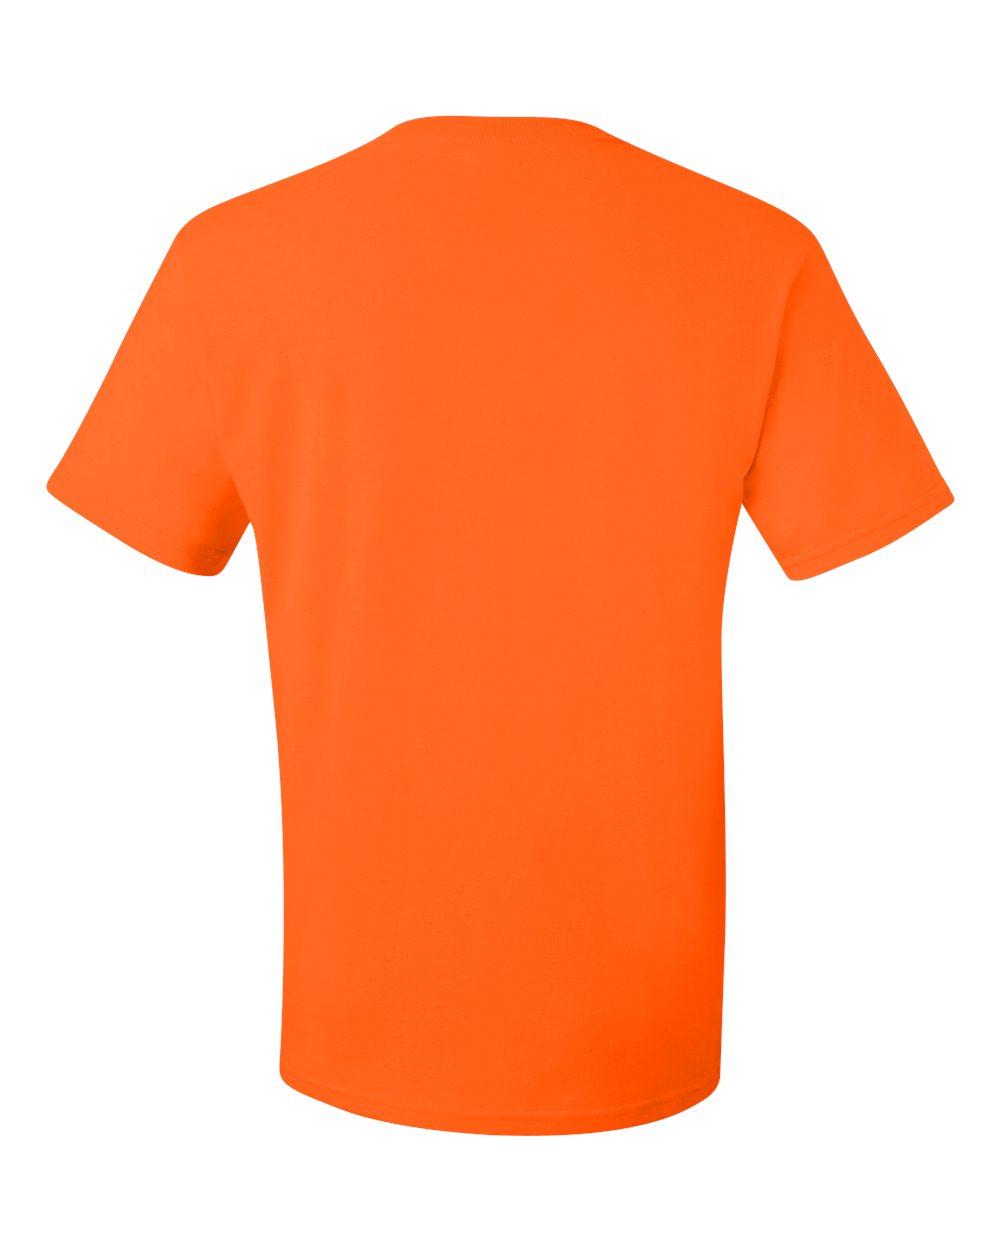 Jerzees-Men-039-s-5-6-oz-50-50-Heavyweight-Blend-T-Shirt-29M-S-4XL thumbnail 67